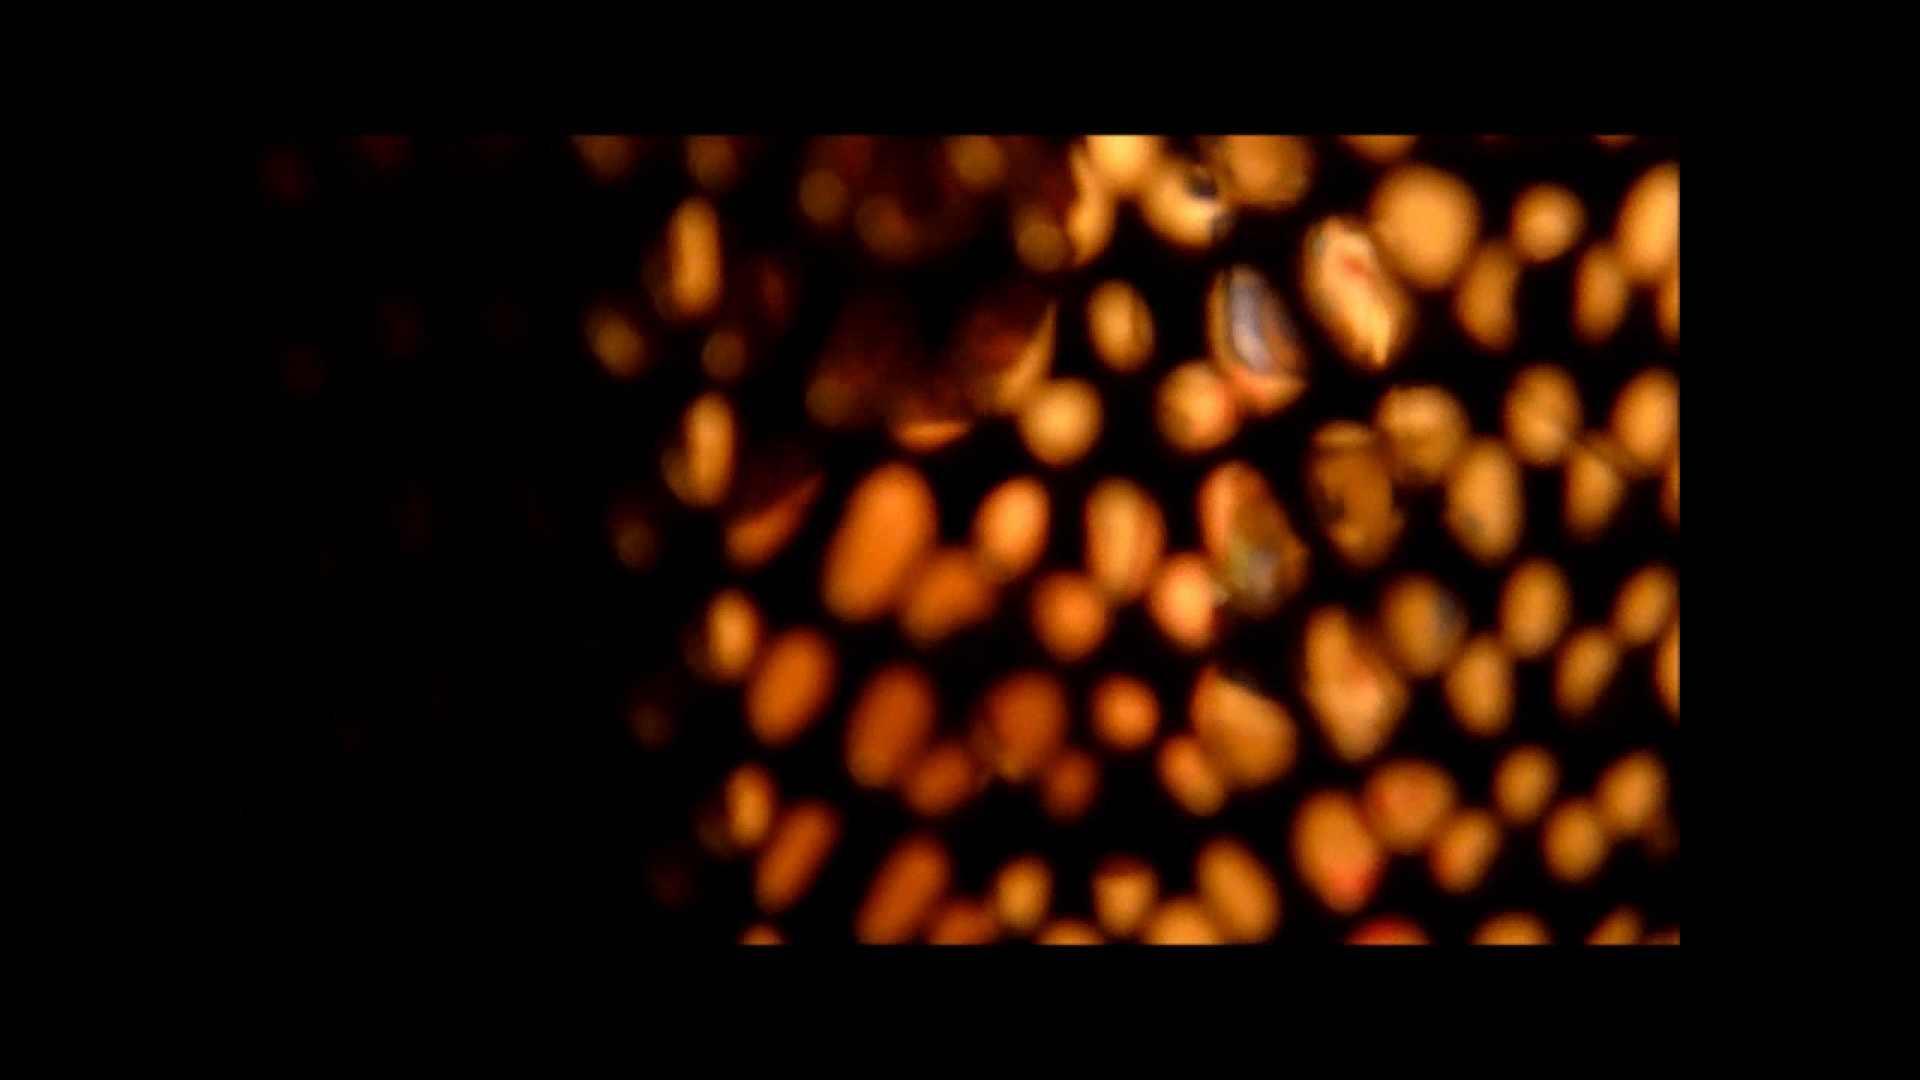 【02】ベランダに侵入して張り込みを始めて・・・やっと結果が出ました。 家宅侵入 | 0  82画像 7